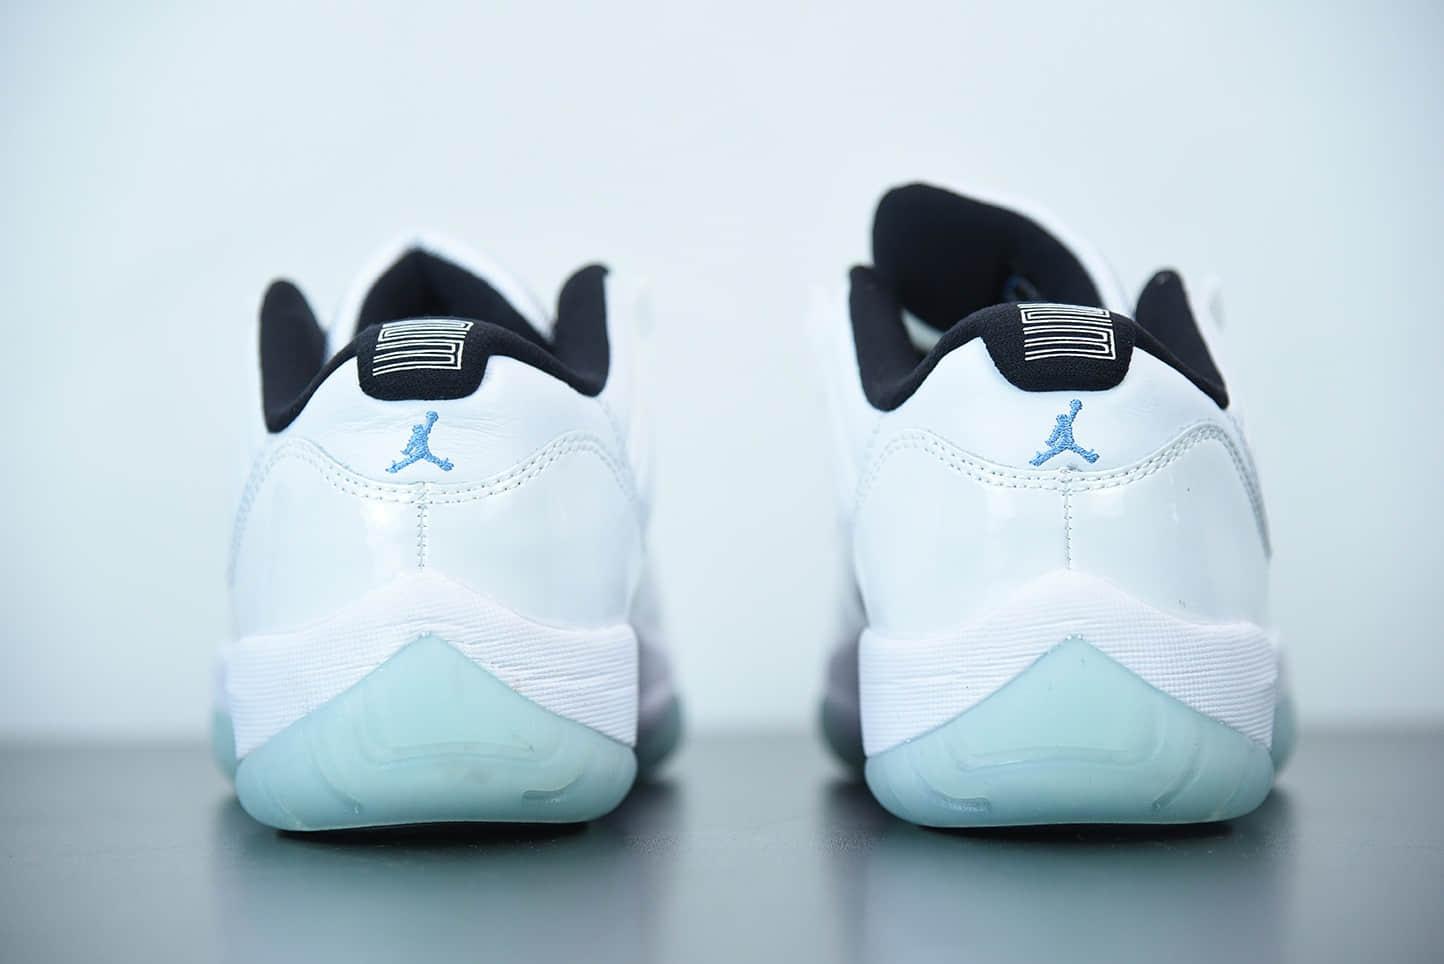 乔丹Air Jordan 11 Retro Low Legend Blue AJ11乔11 传奇蓝低帮男子文化篮球鞋纯原版本货号:AV2187-117